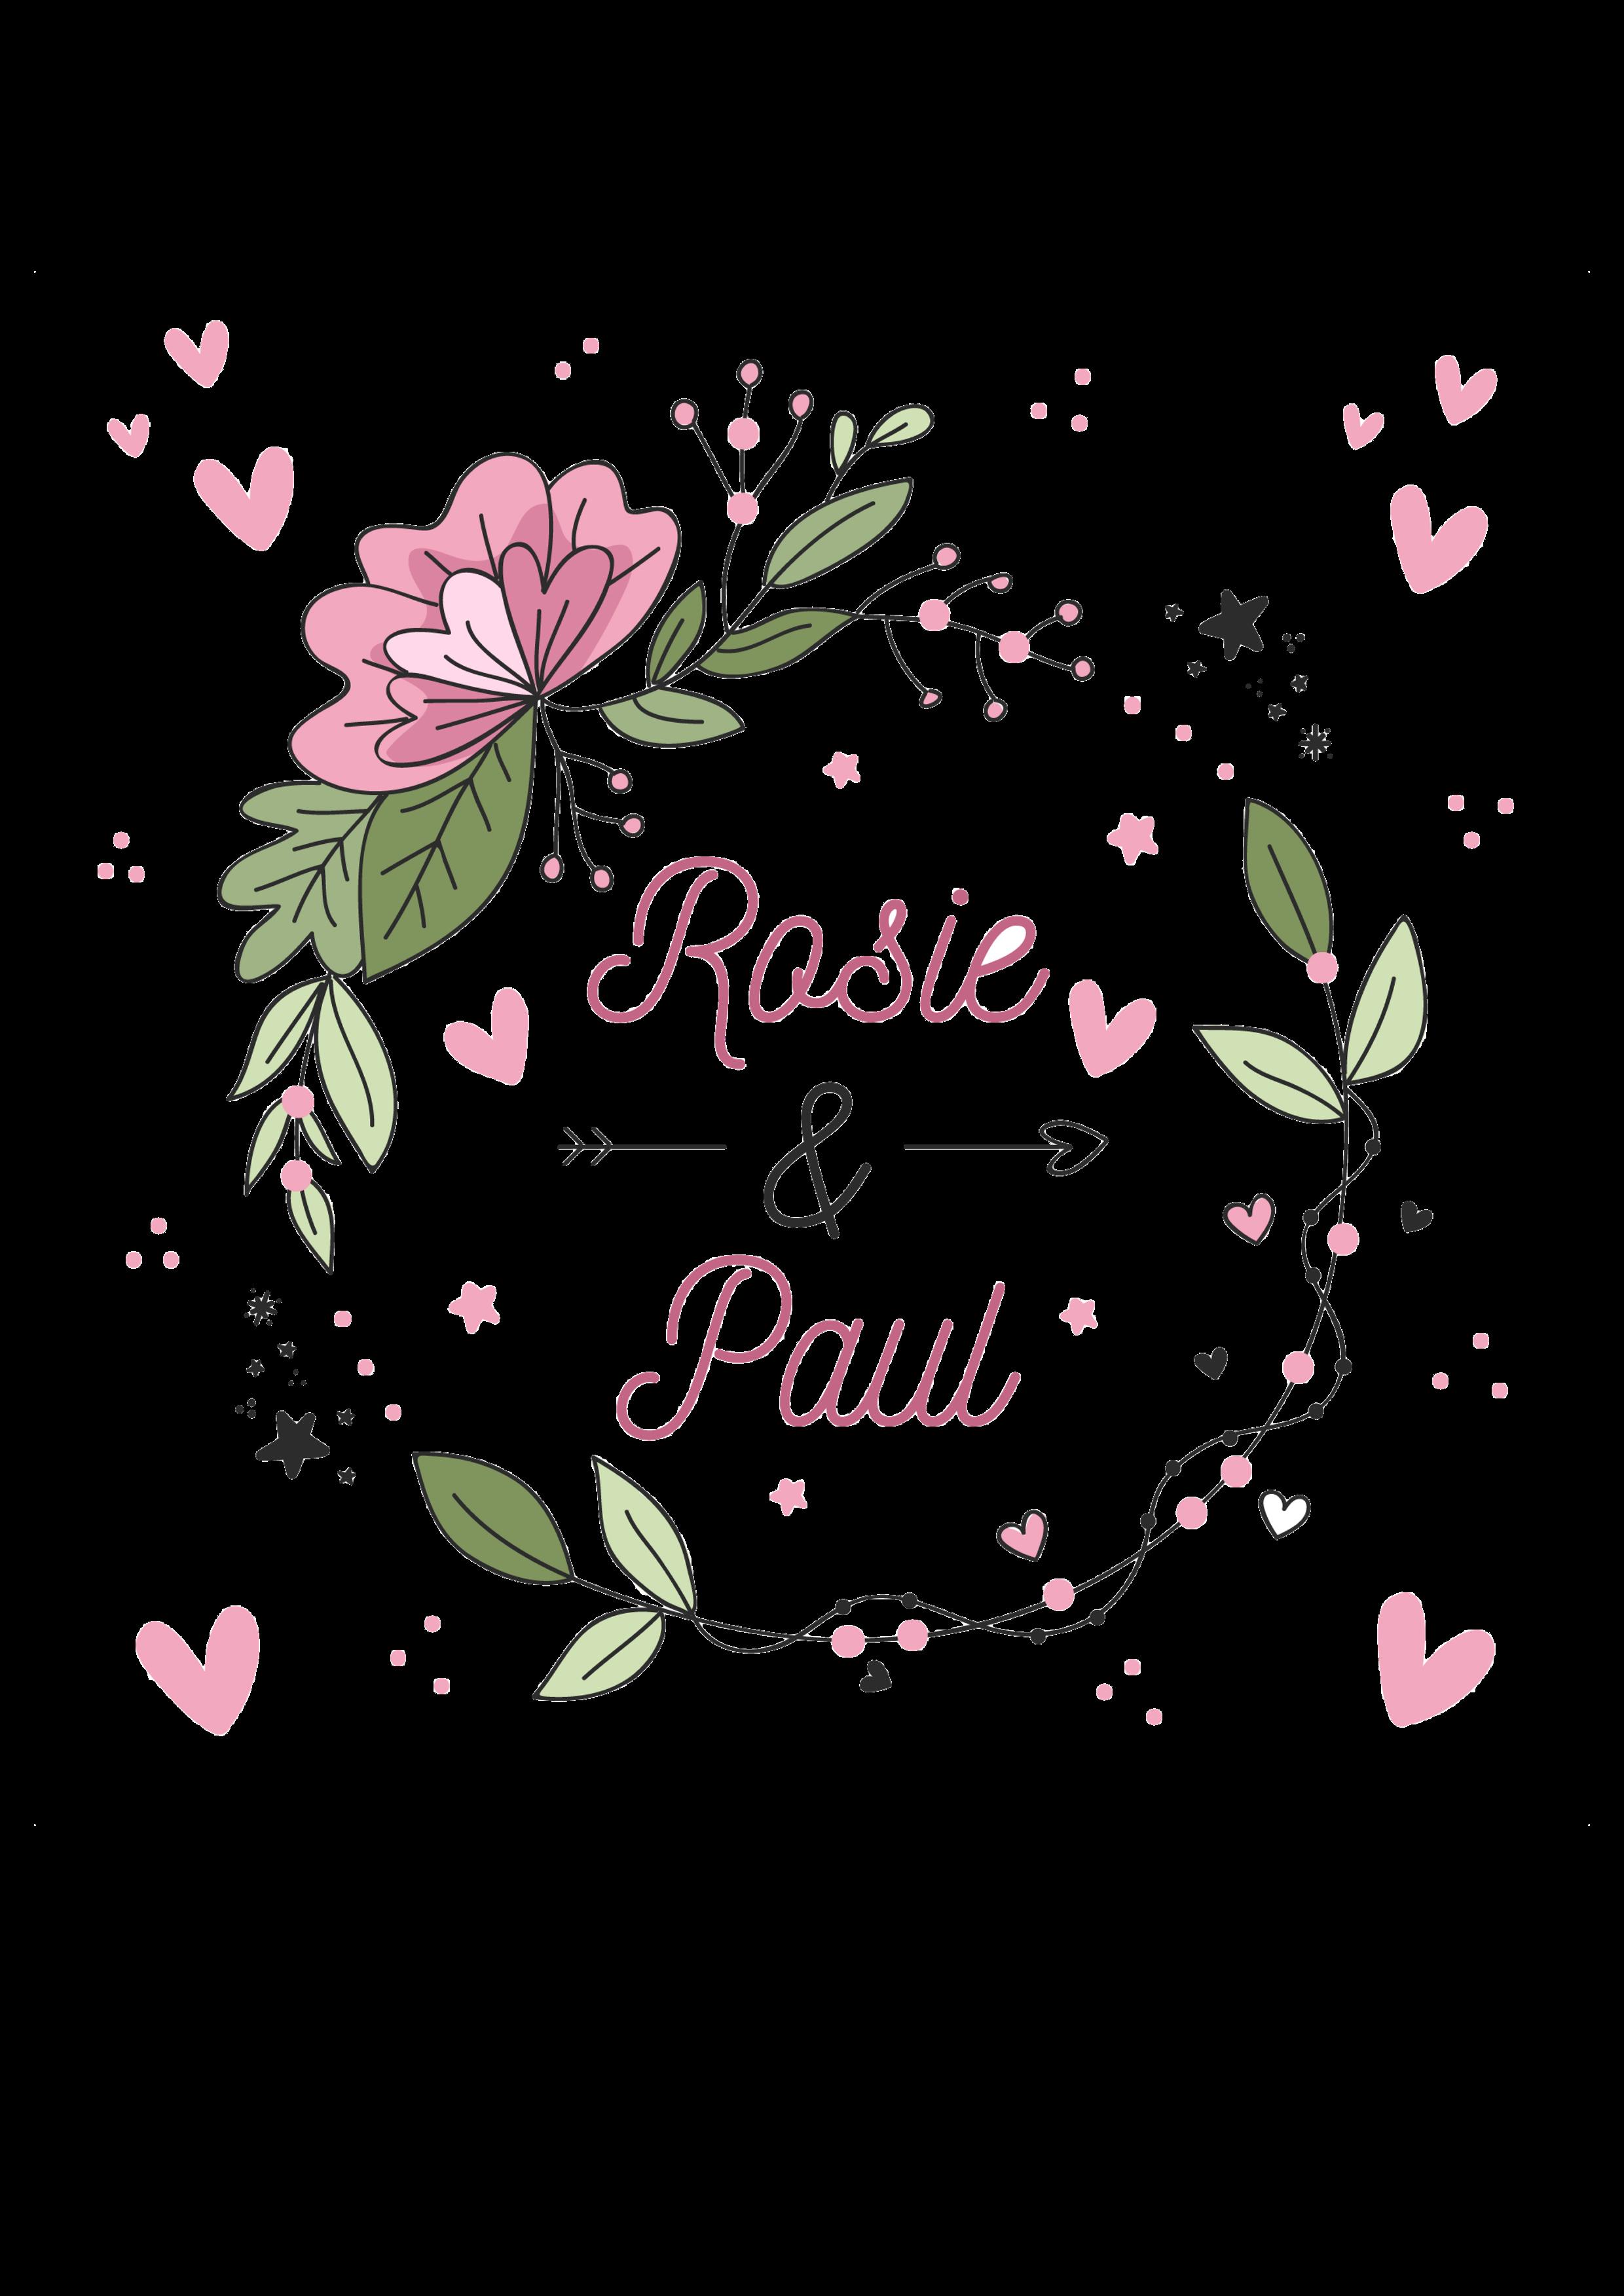 Hochzeitskerze rosa grün mit Herzen